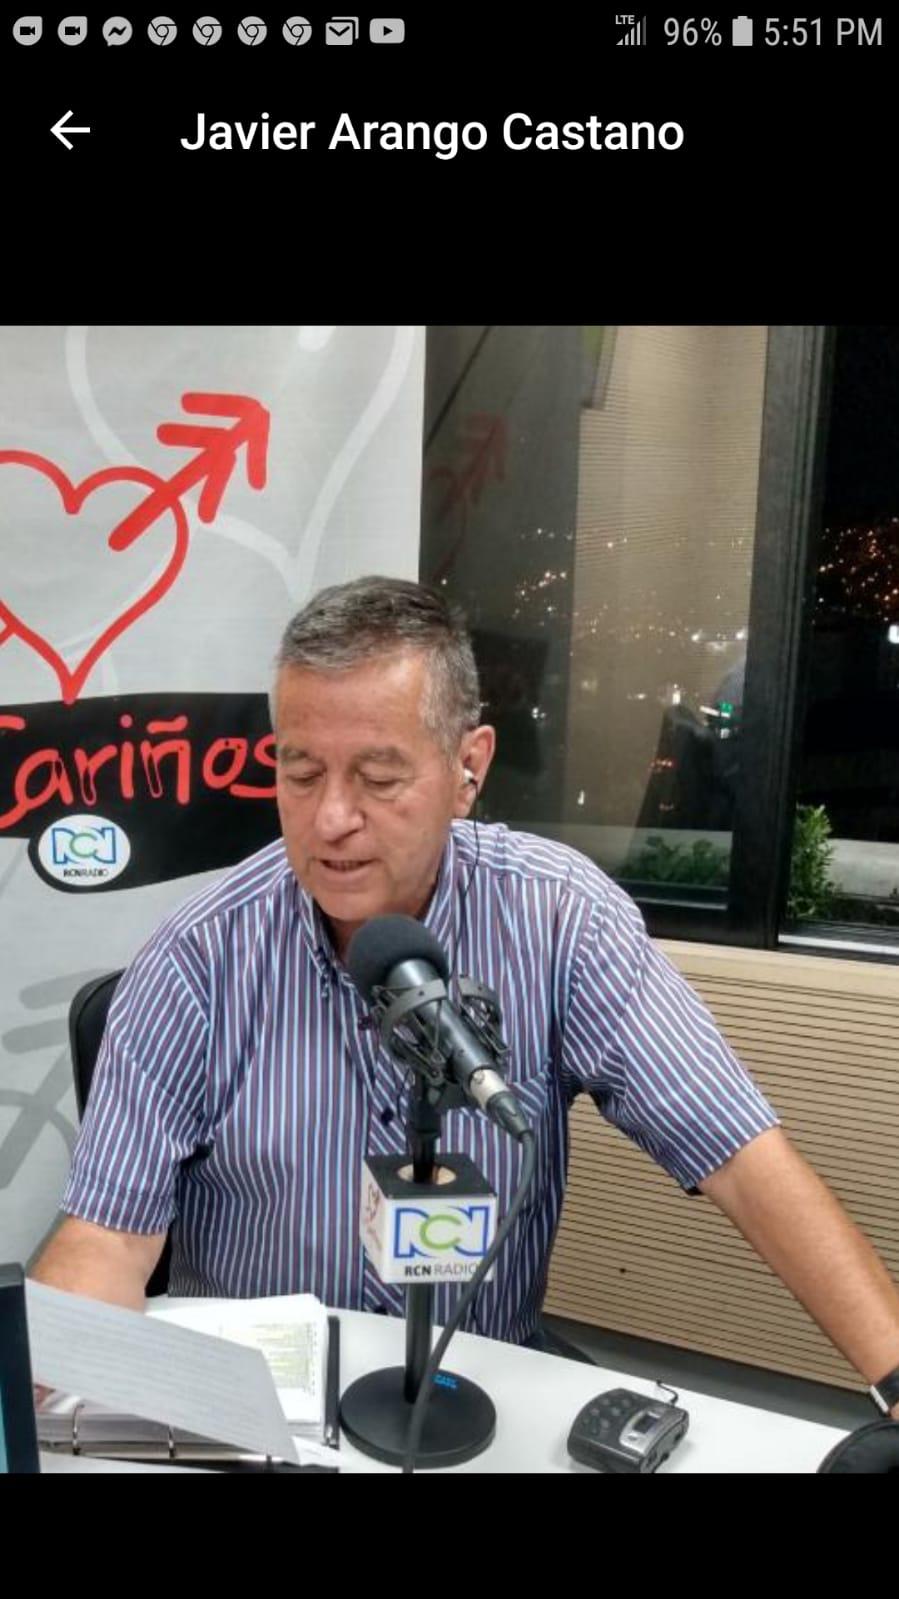 Pronta recuperación del locutor Javier Arango Castaño